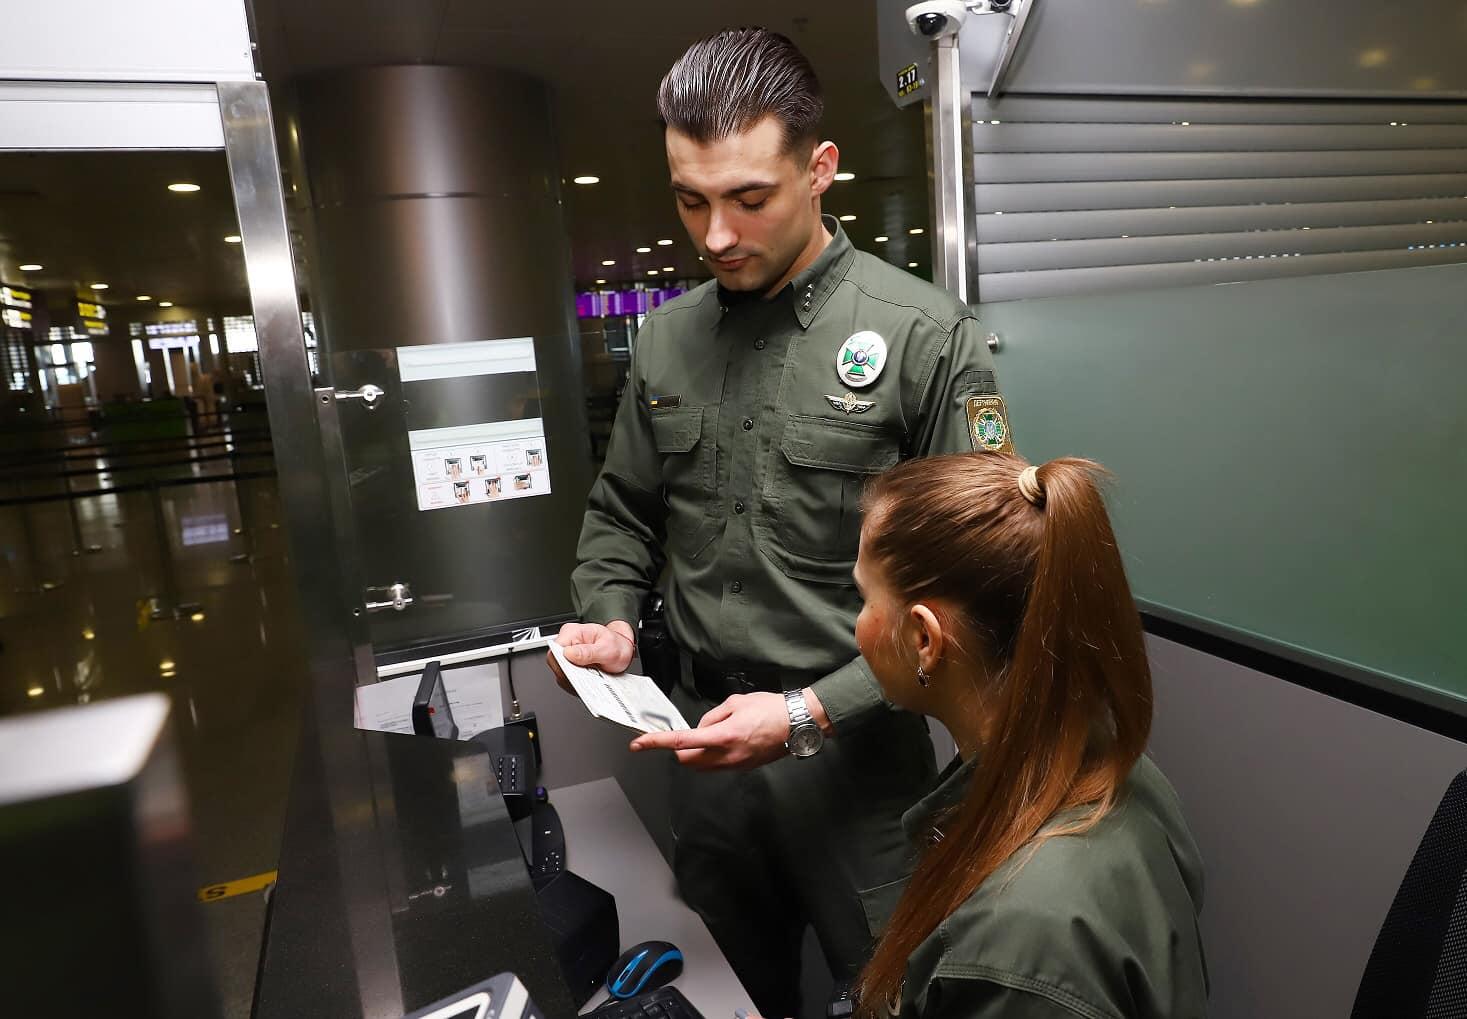 Російського актора не пропустили до України - прикордонники, ДПСУ, аеропорт «Бориспіль» - news 20190325 131312 1553512392